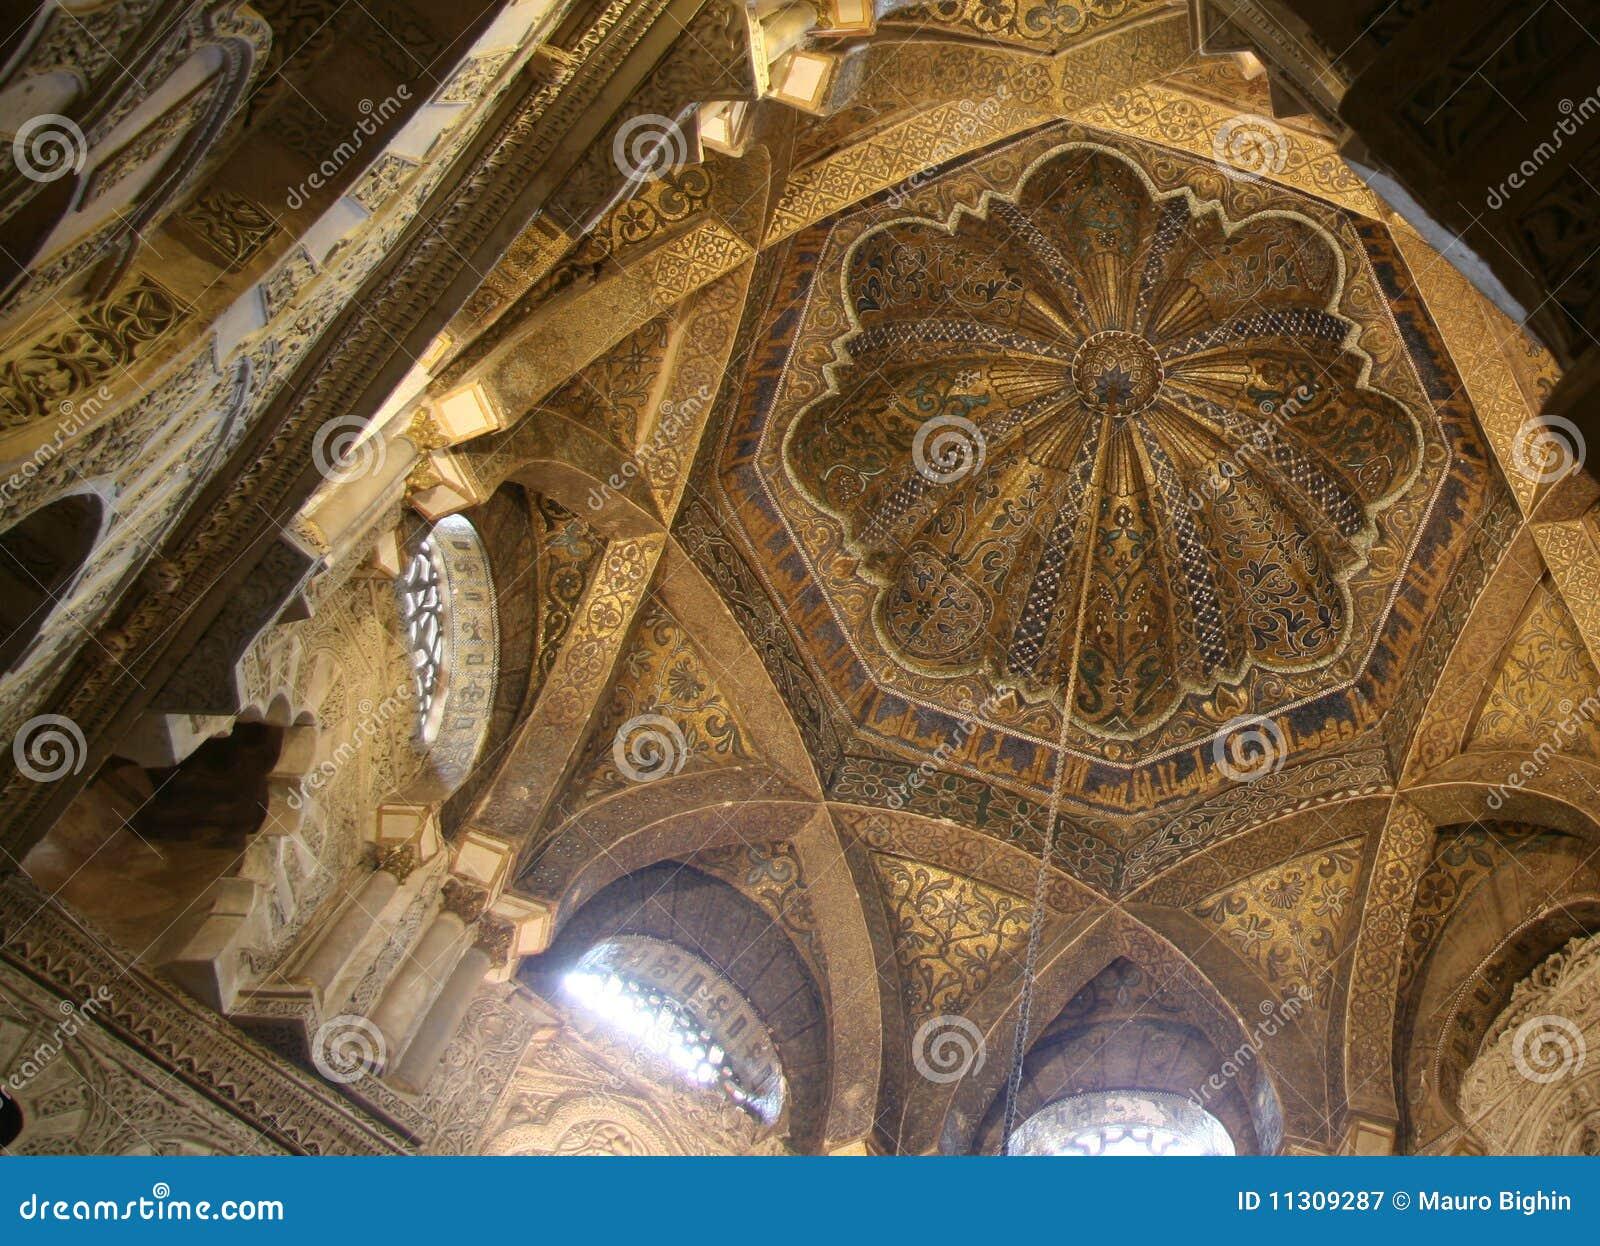 Das Mirhab, arabische Haube an der Cordoba-Kathedrale